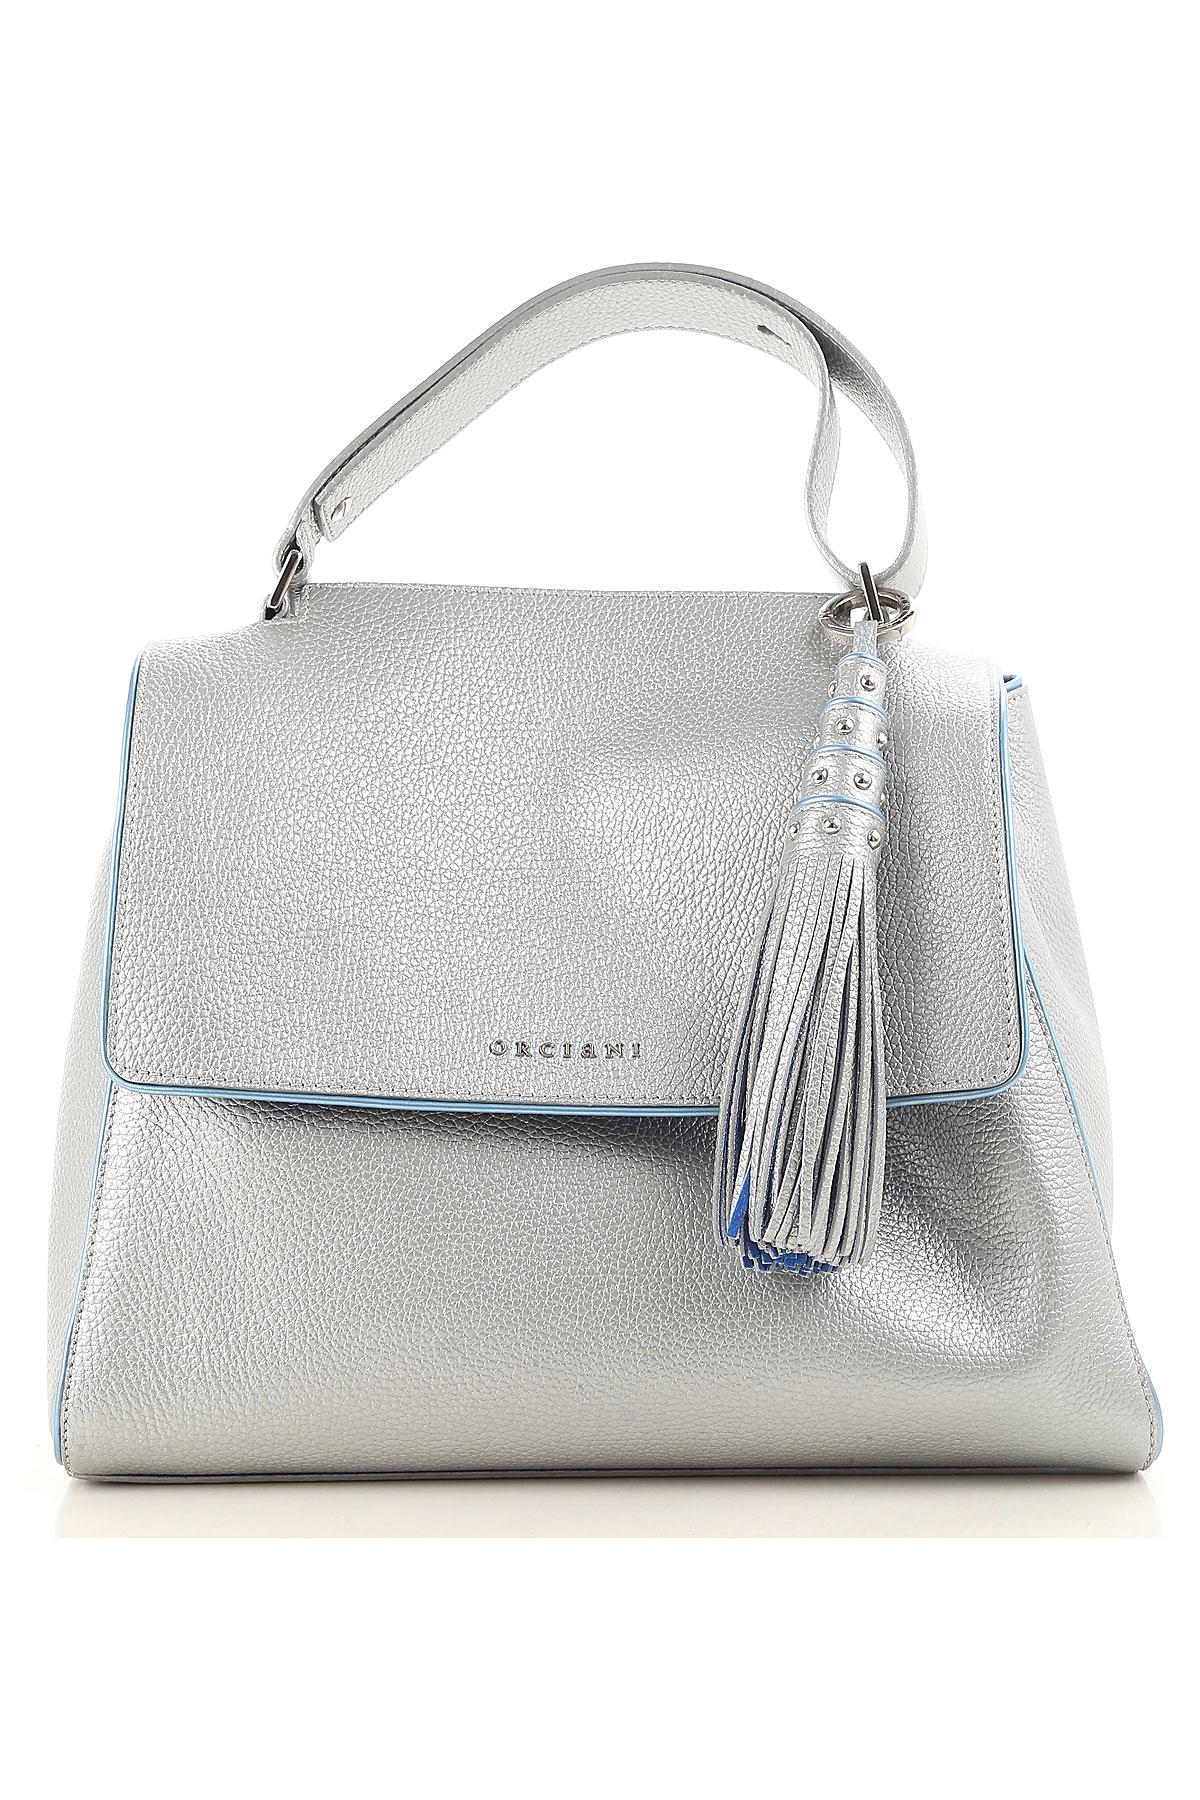 Orciani Top Handle Handbag On Sale, Silver, Leather, 2017 USA-455399